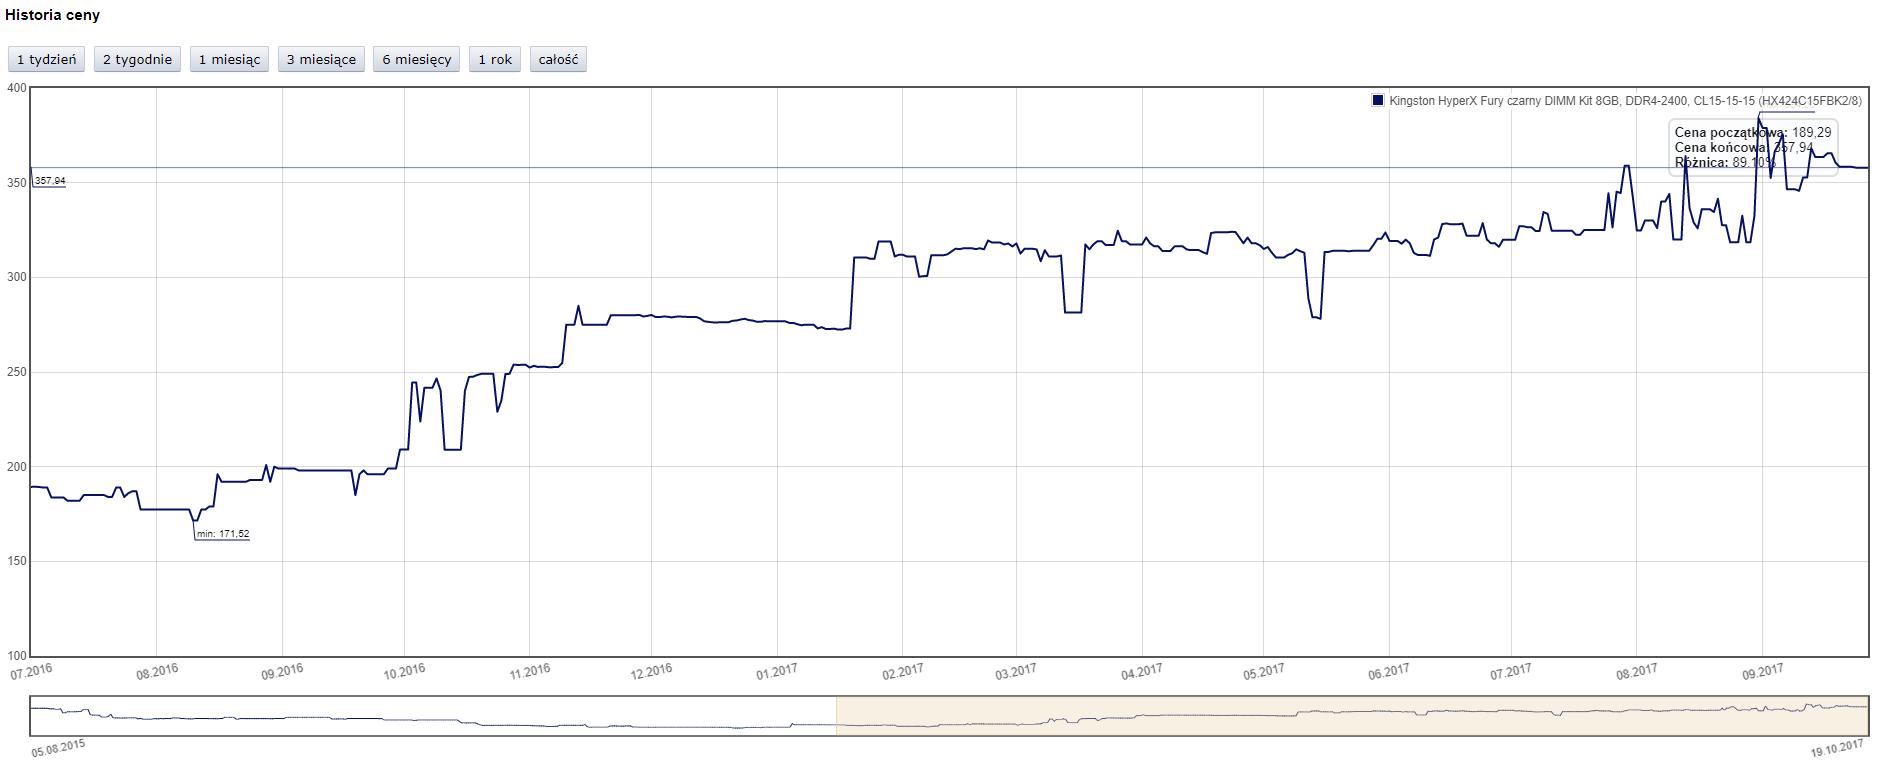 tak wzrosły ceny pamięci DRAM